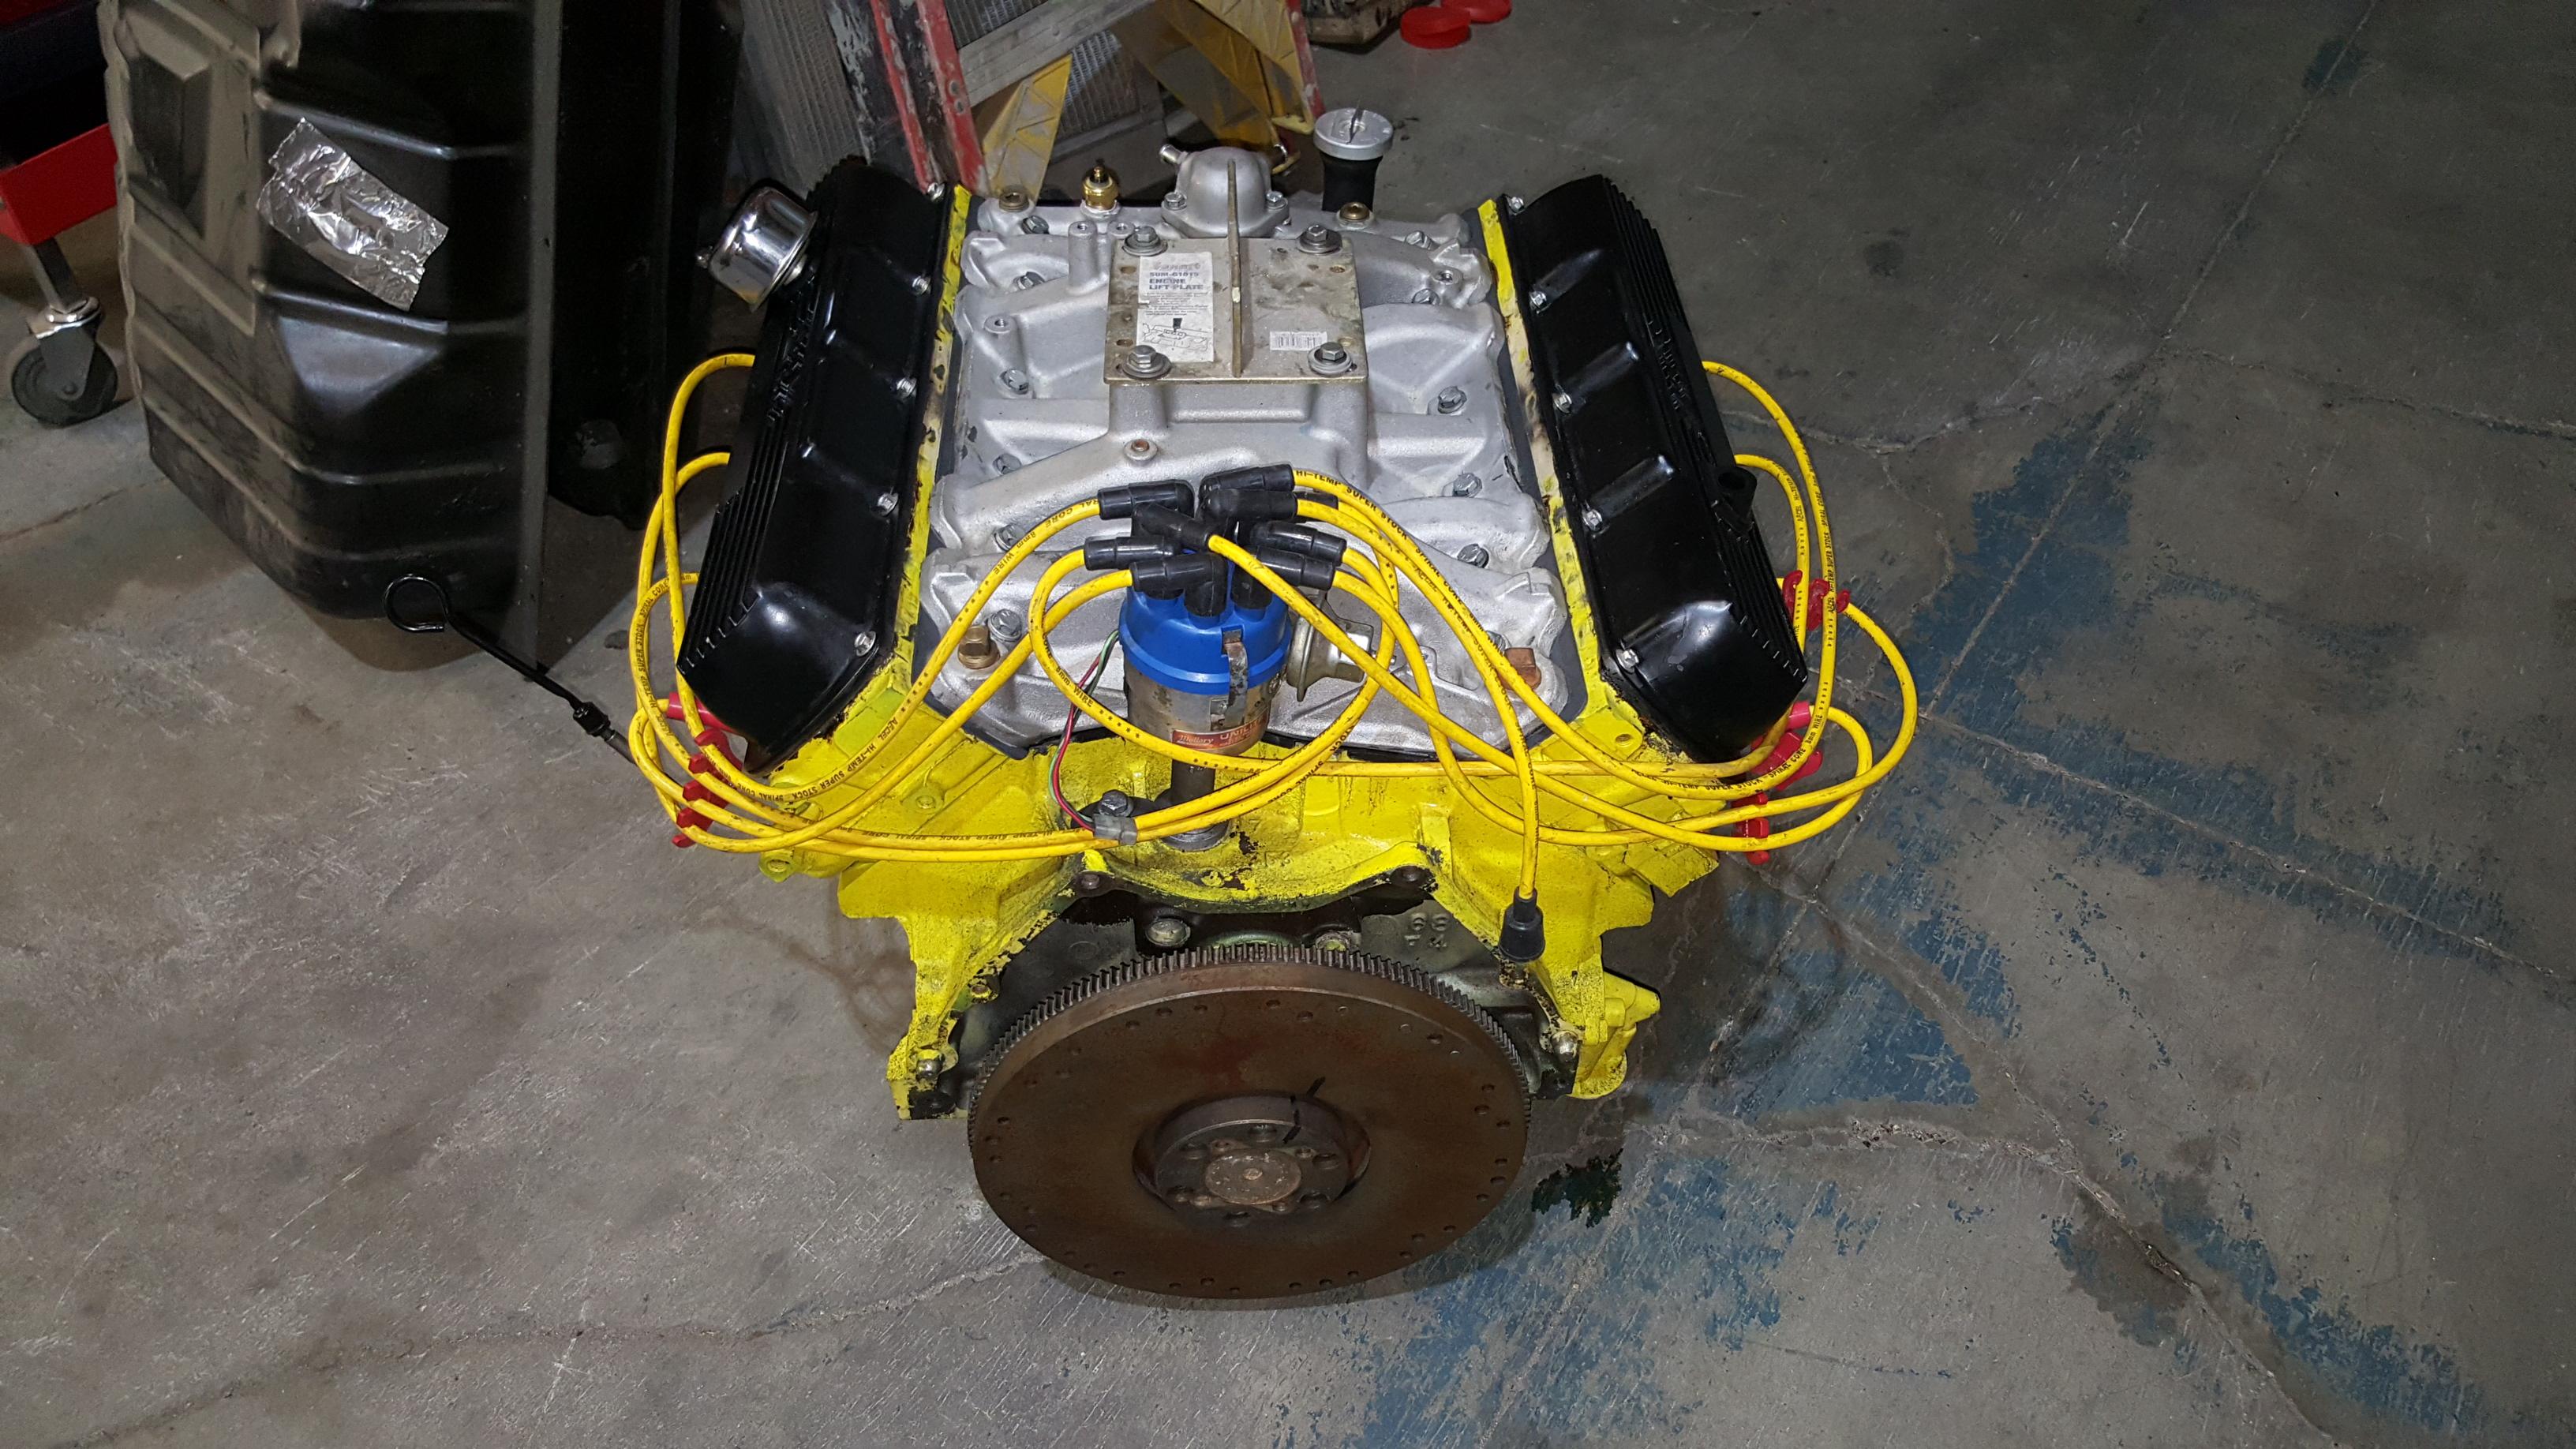 455 Olds V8 Marine Engine Rebuilding For A Boat - Motor